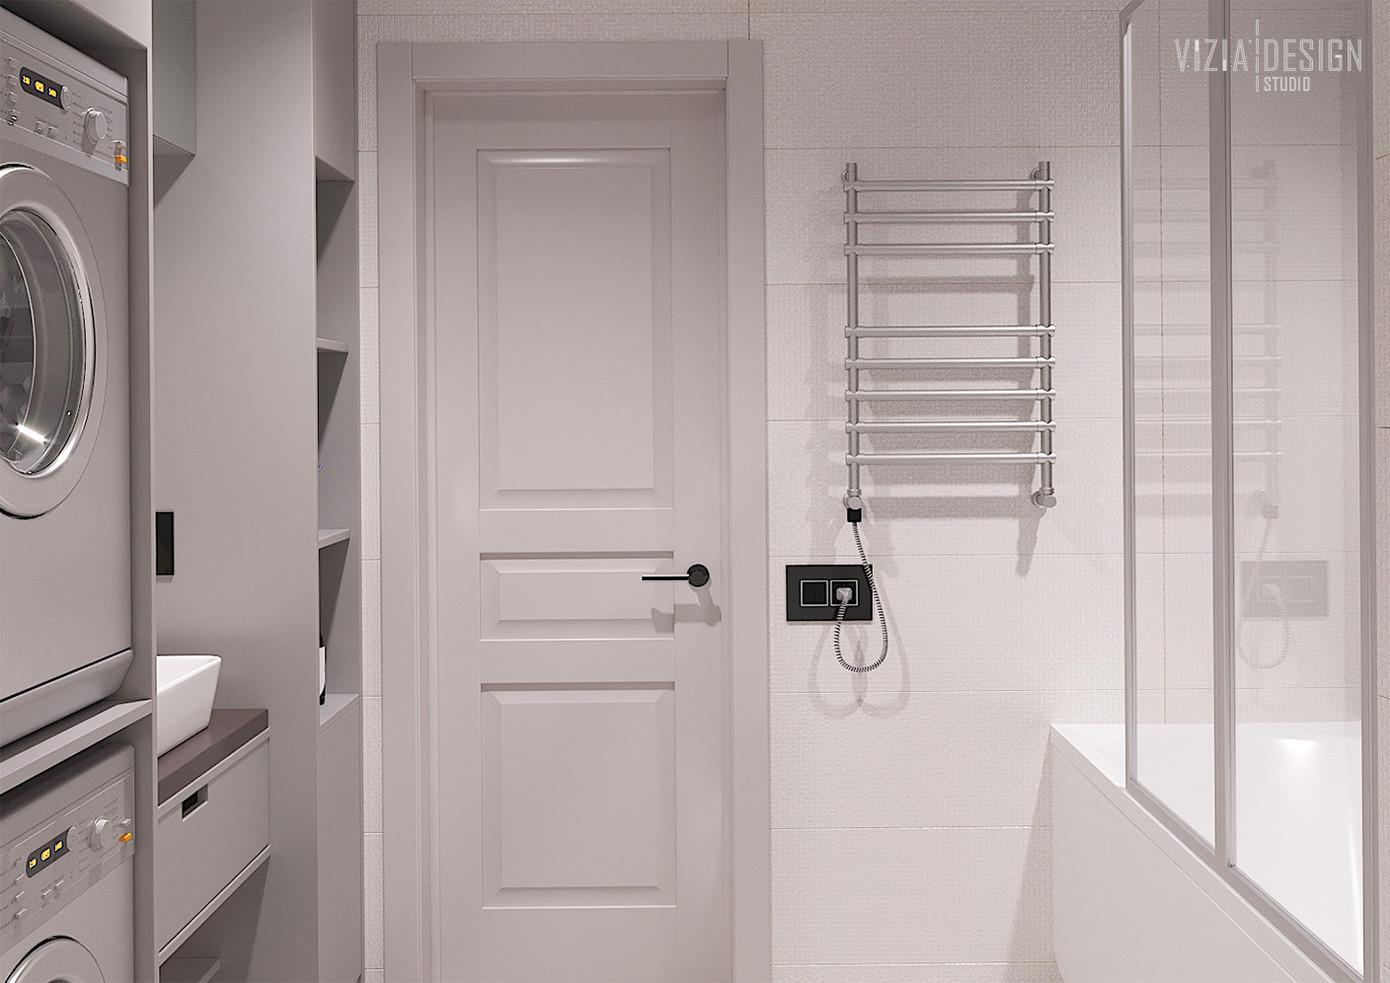 Ванная с серой мебелью.jpg